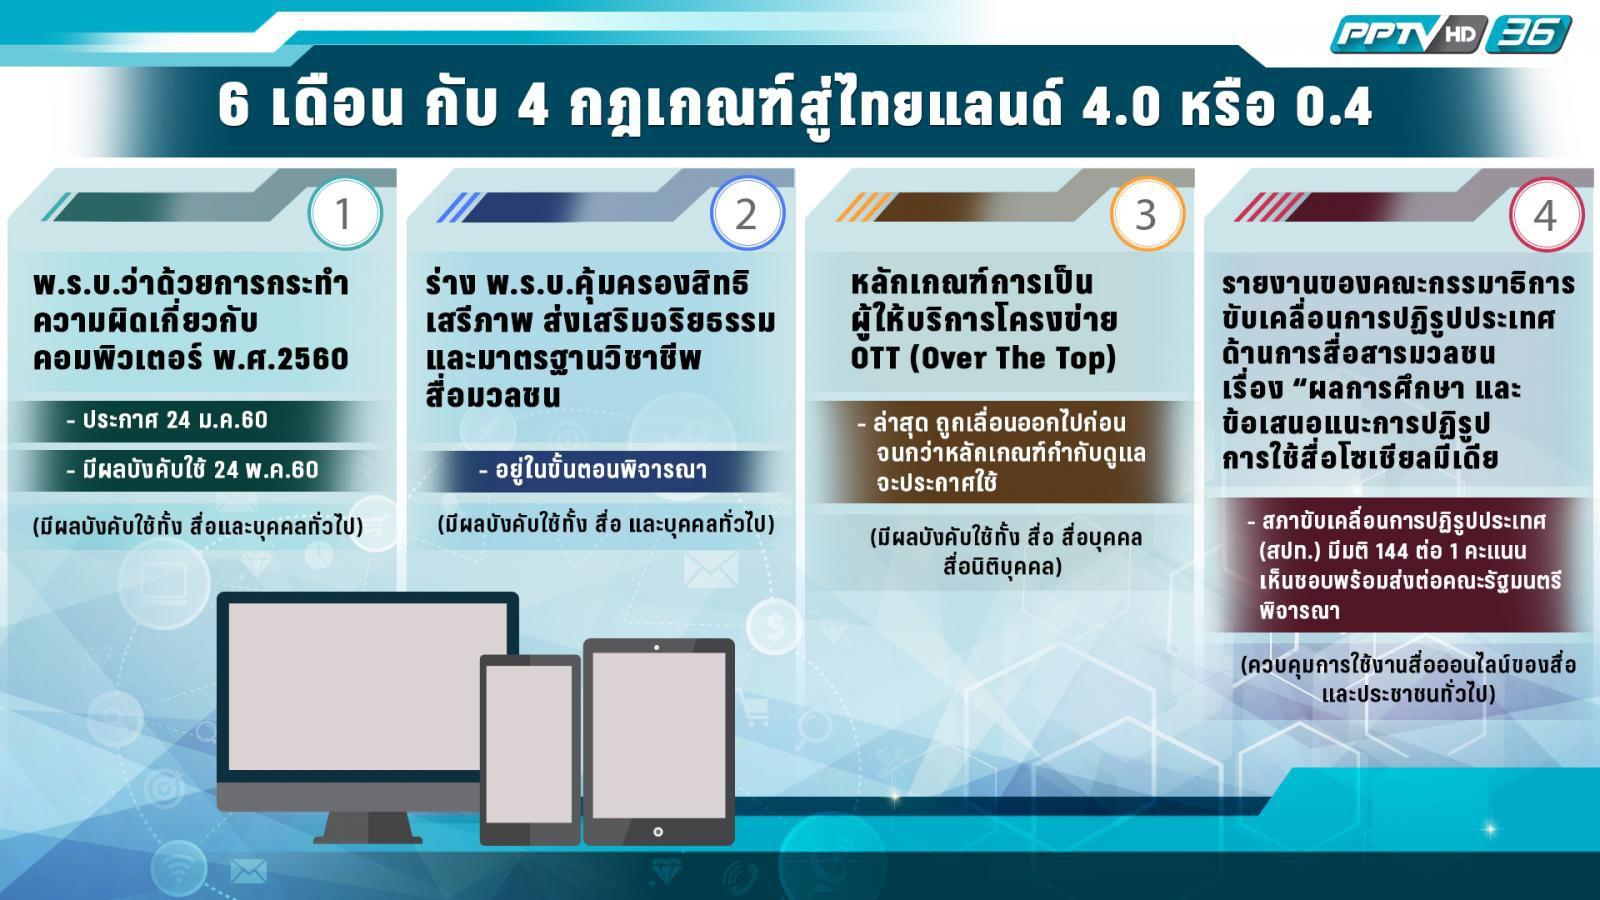 6 เดือน กับ 4 กฎเกณฑ์สู่ไทยแลนด์ 4.0 หรือ 0.4